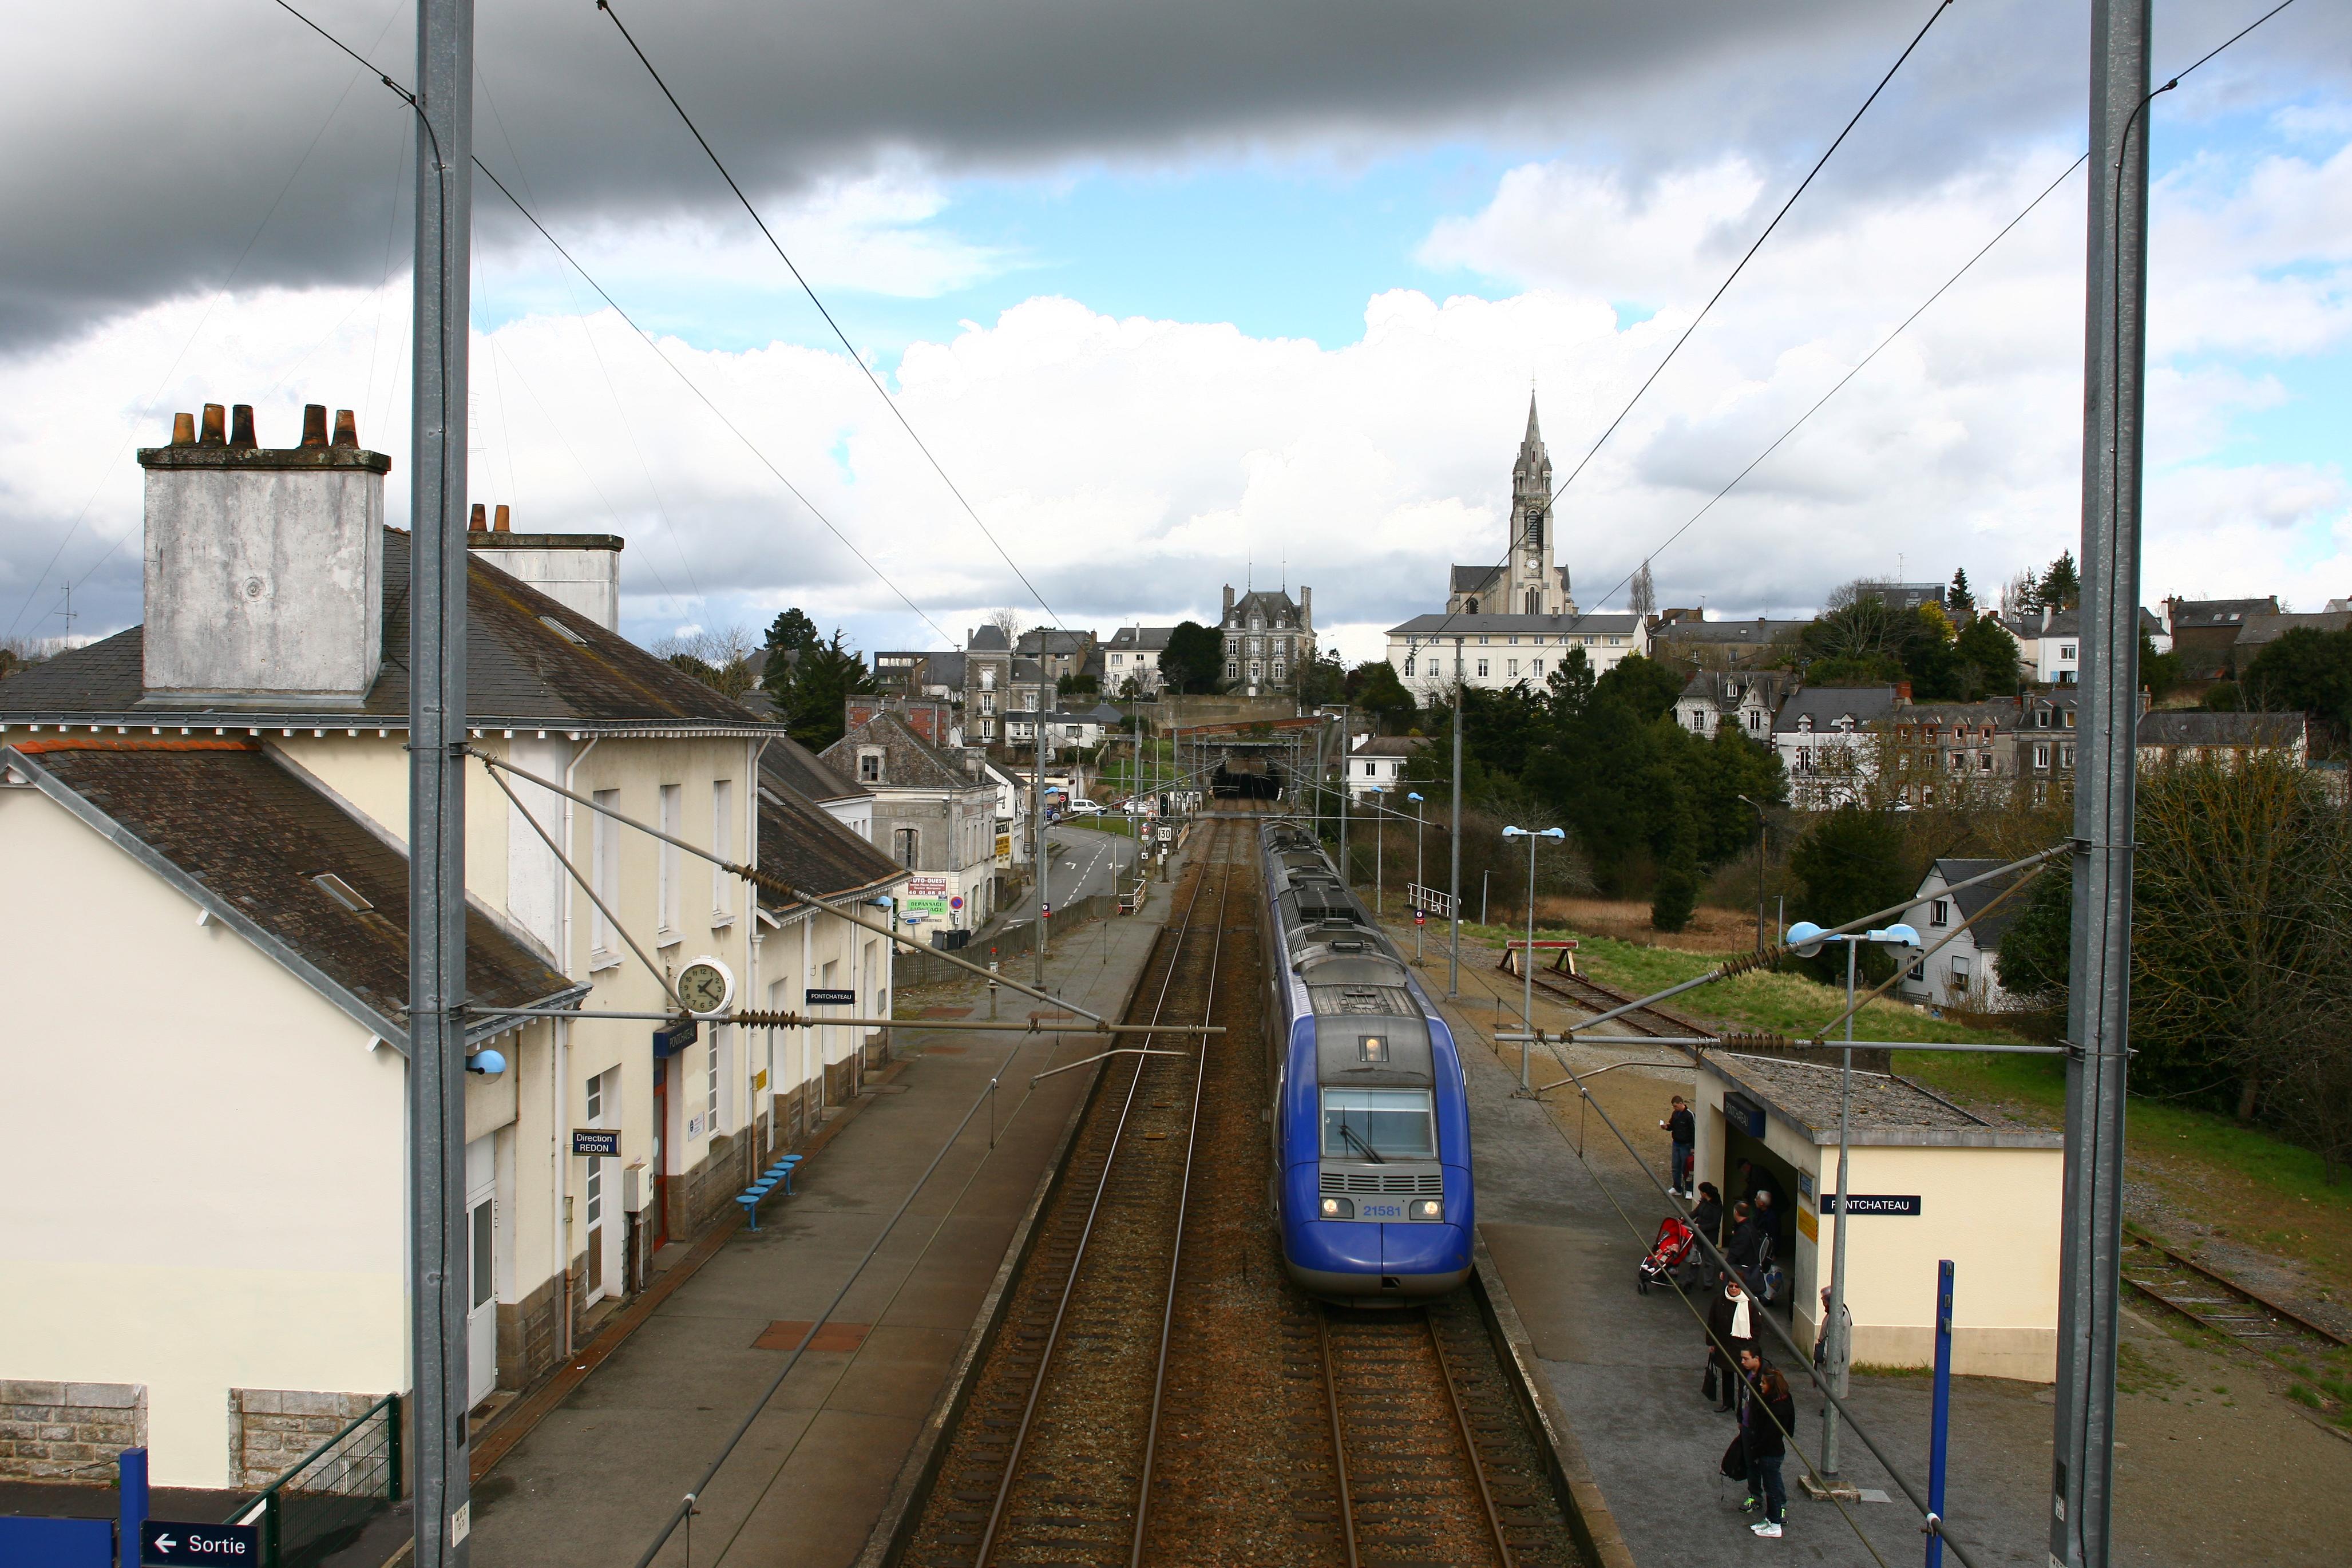 Pontchateau France  city photos gallery : image desc}}}